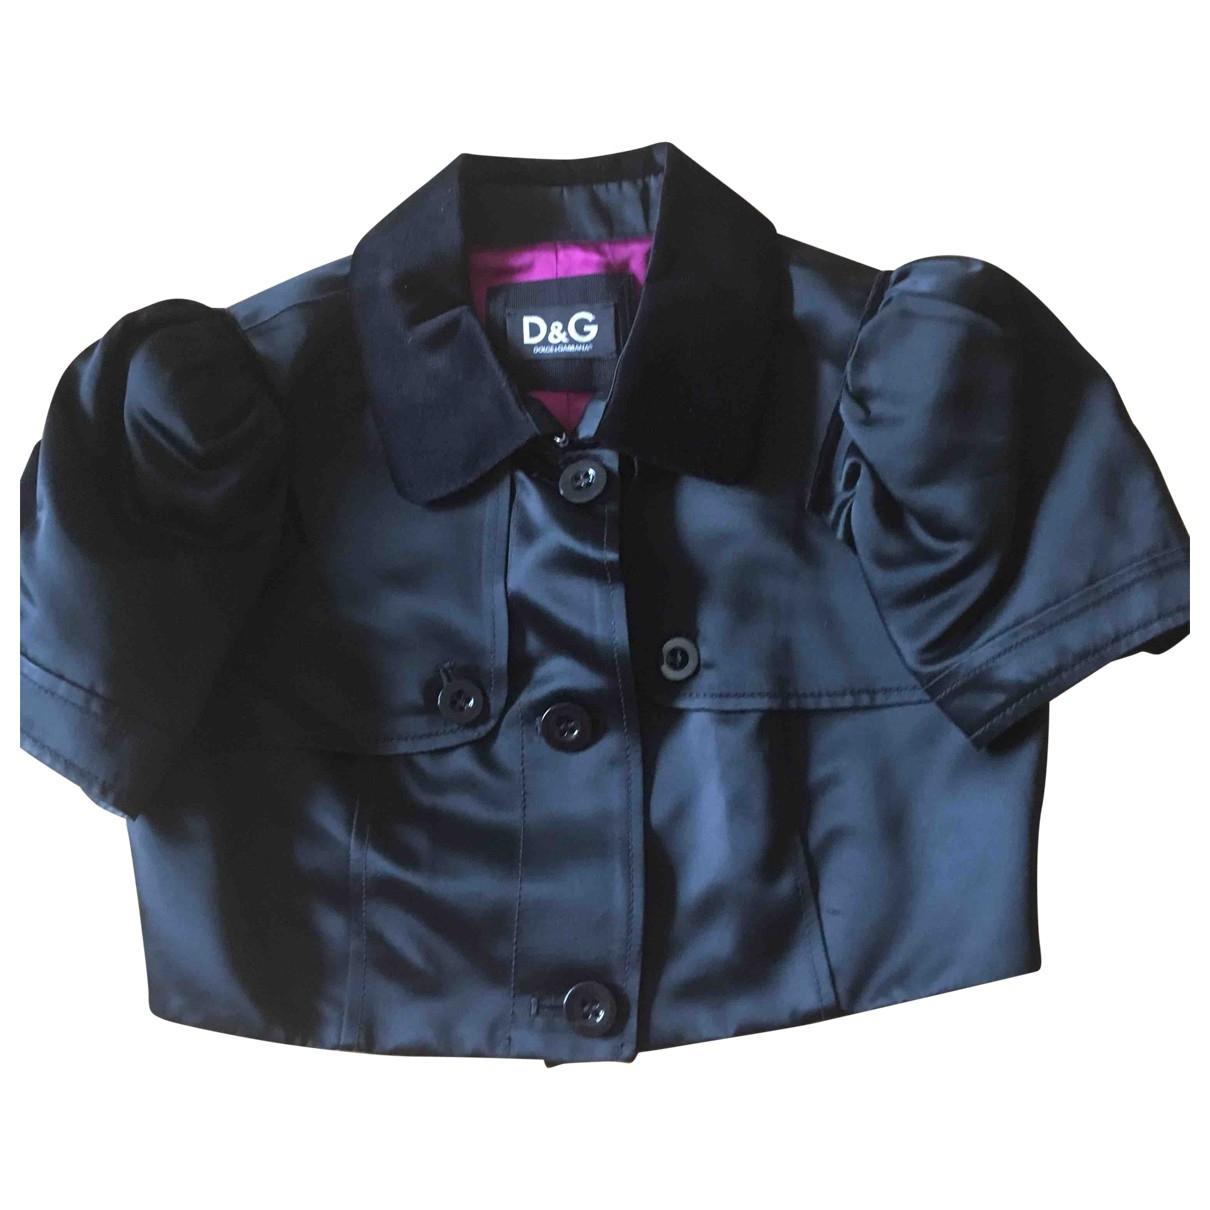 D&g \N Black jacket for Women 44 IT